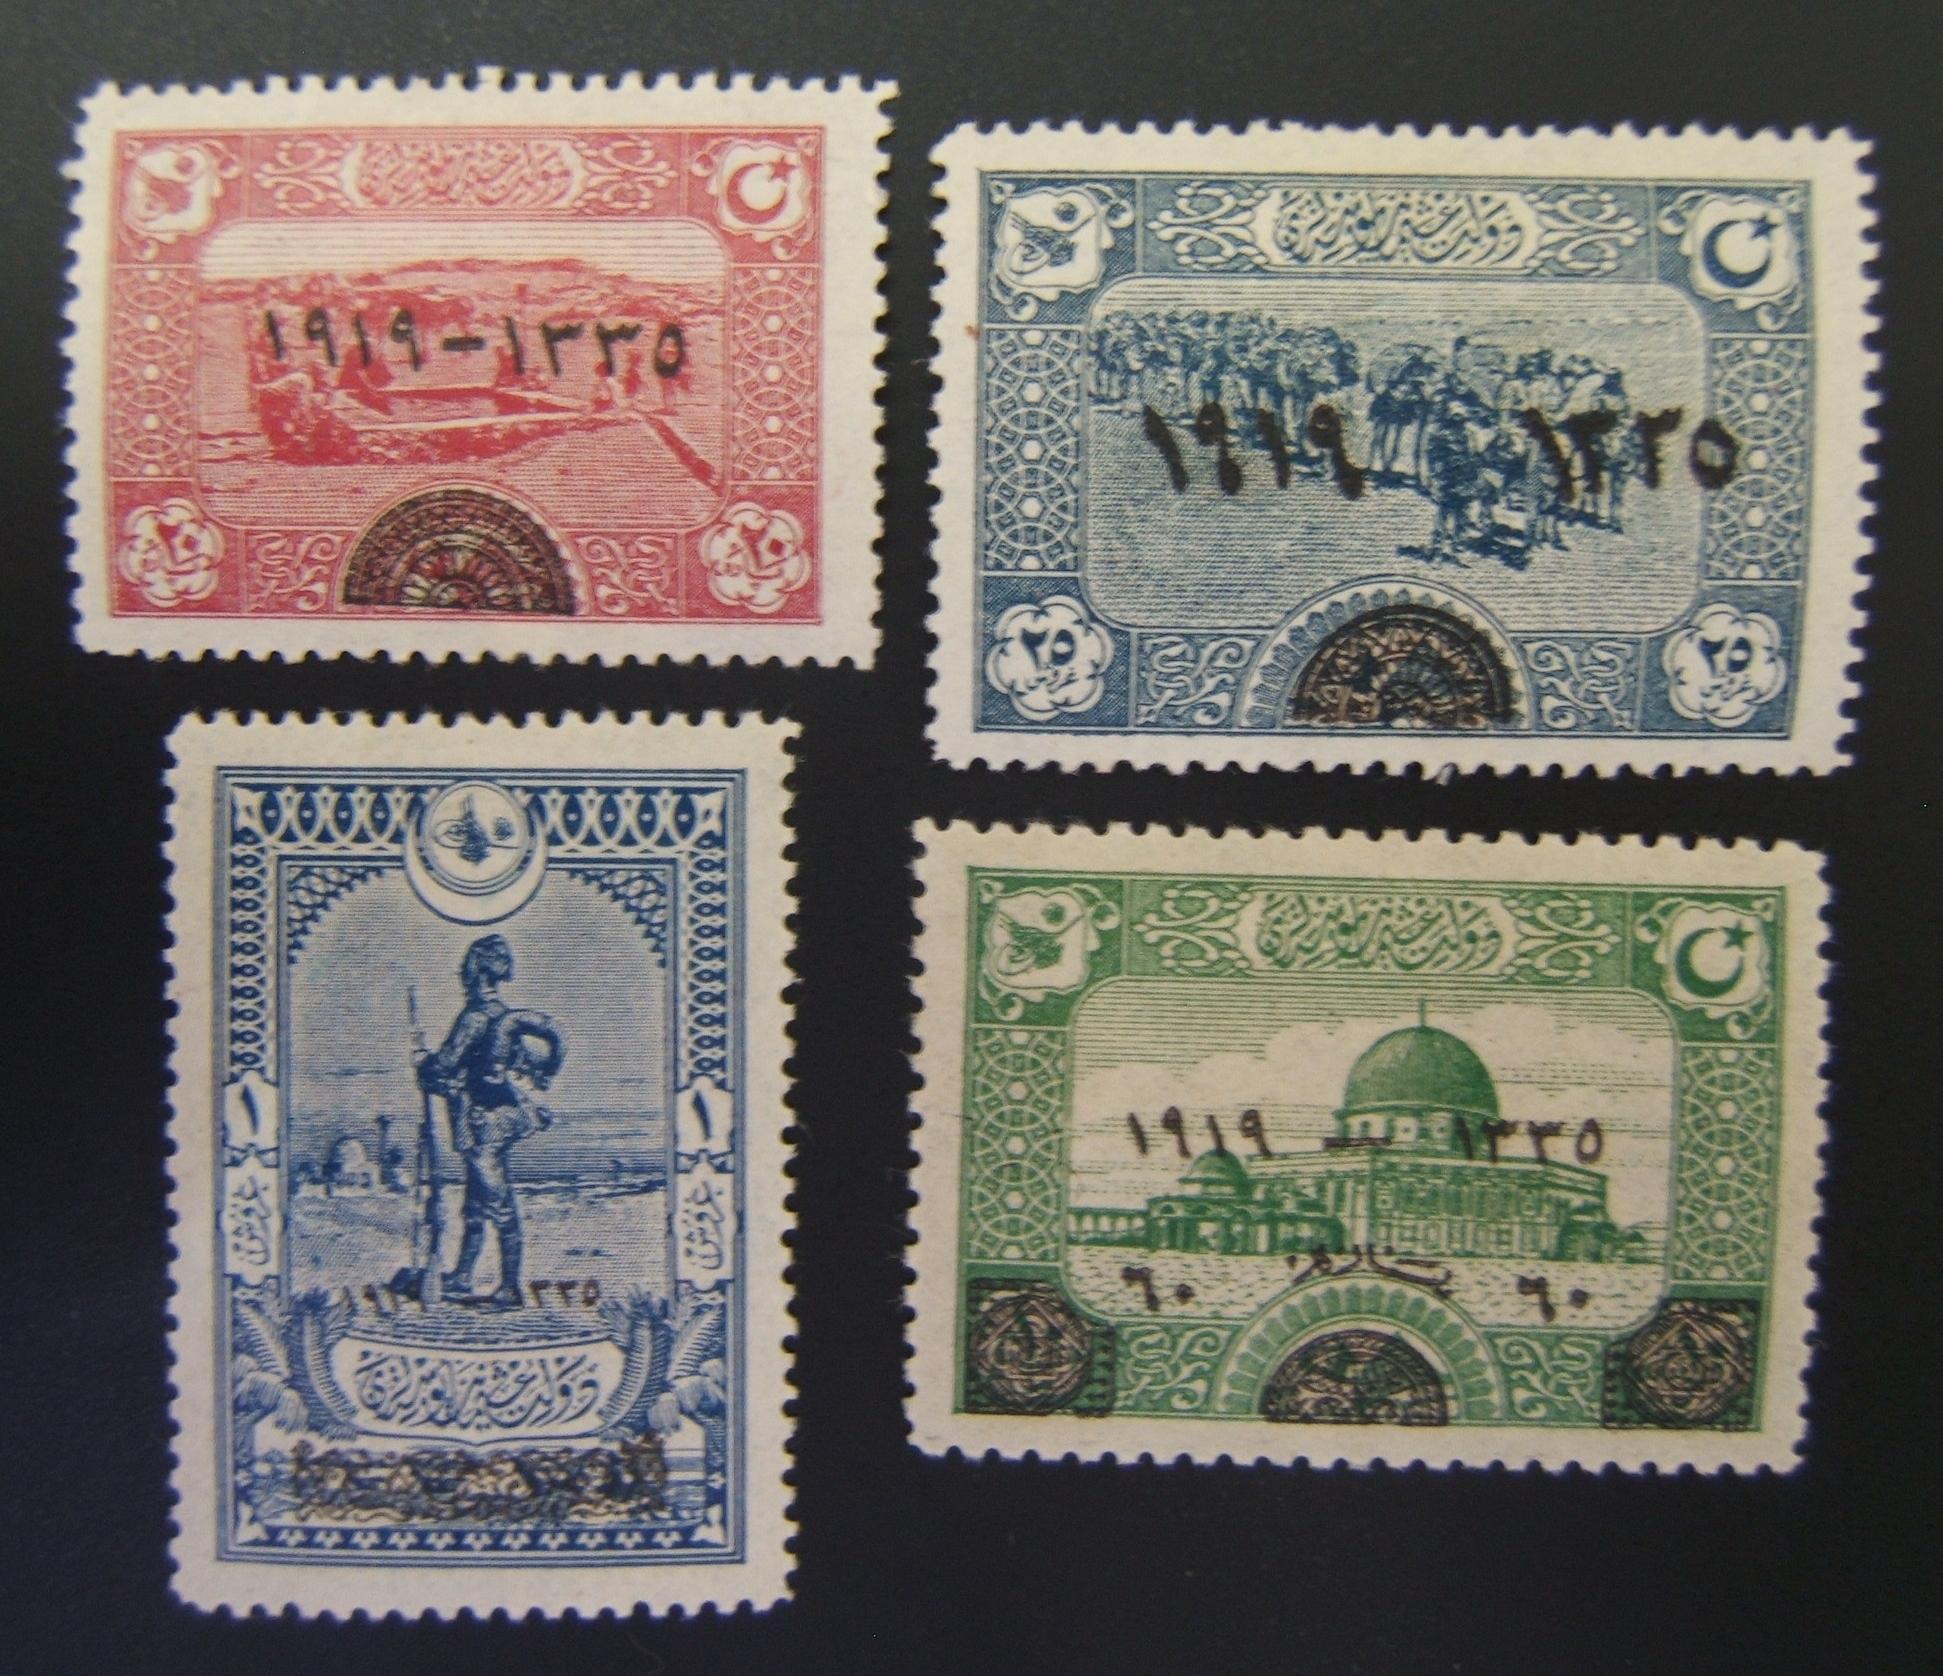 Osmanisches Set 1919, 1. Jahrestag des Beitritts, ungebraucht; Is.928/931, Mi 653/65